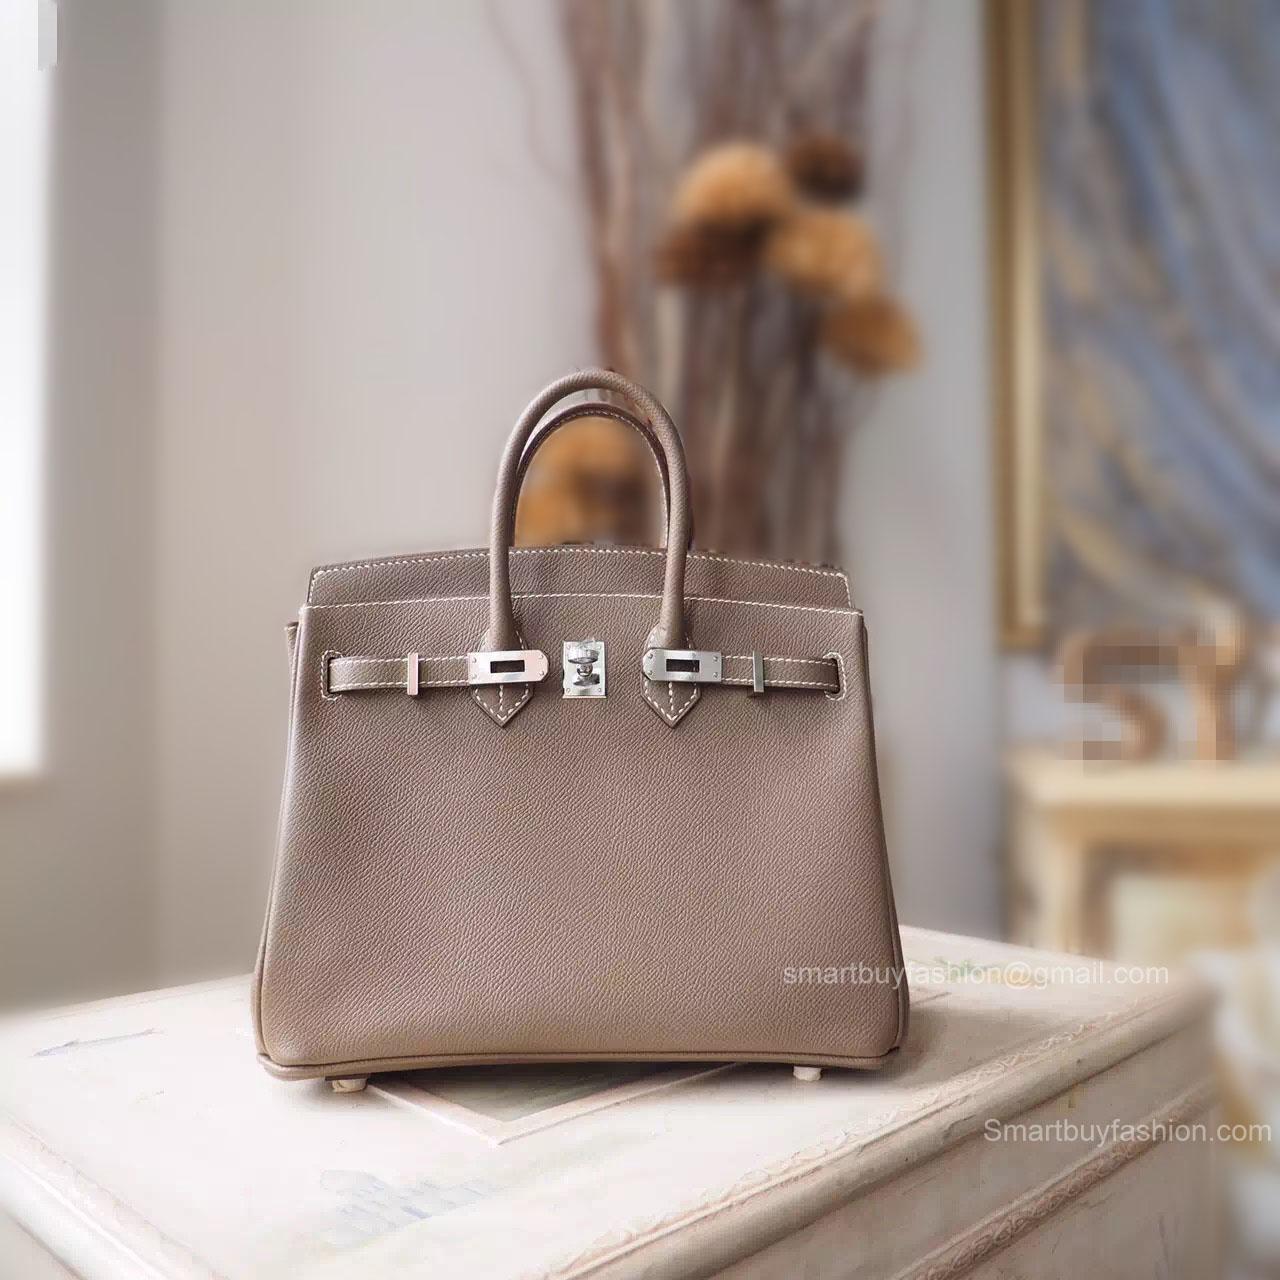 77e396906bb9 Handstitched Hermes Birkin 25 Bag in ck18 Etoupe Epsom Calfskin SHW -